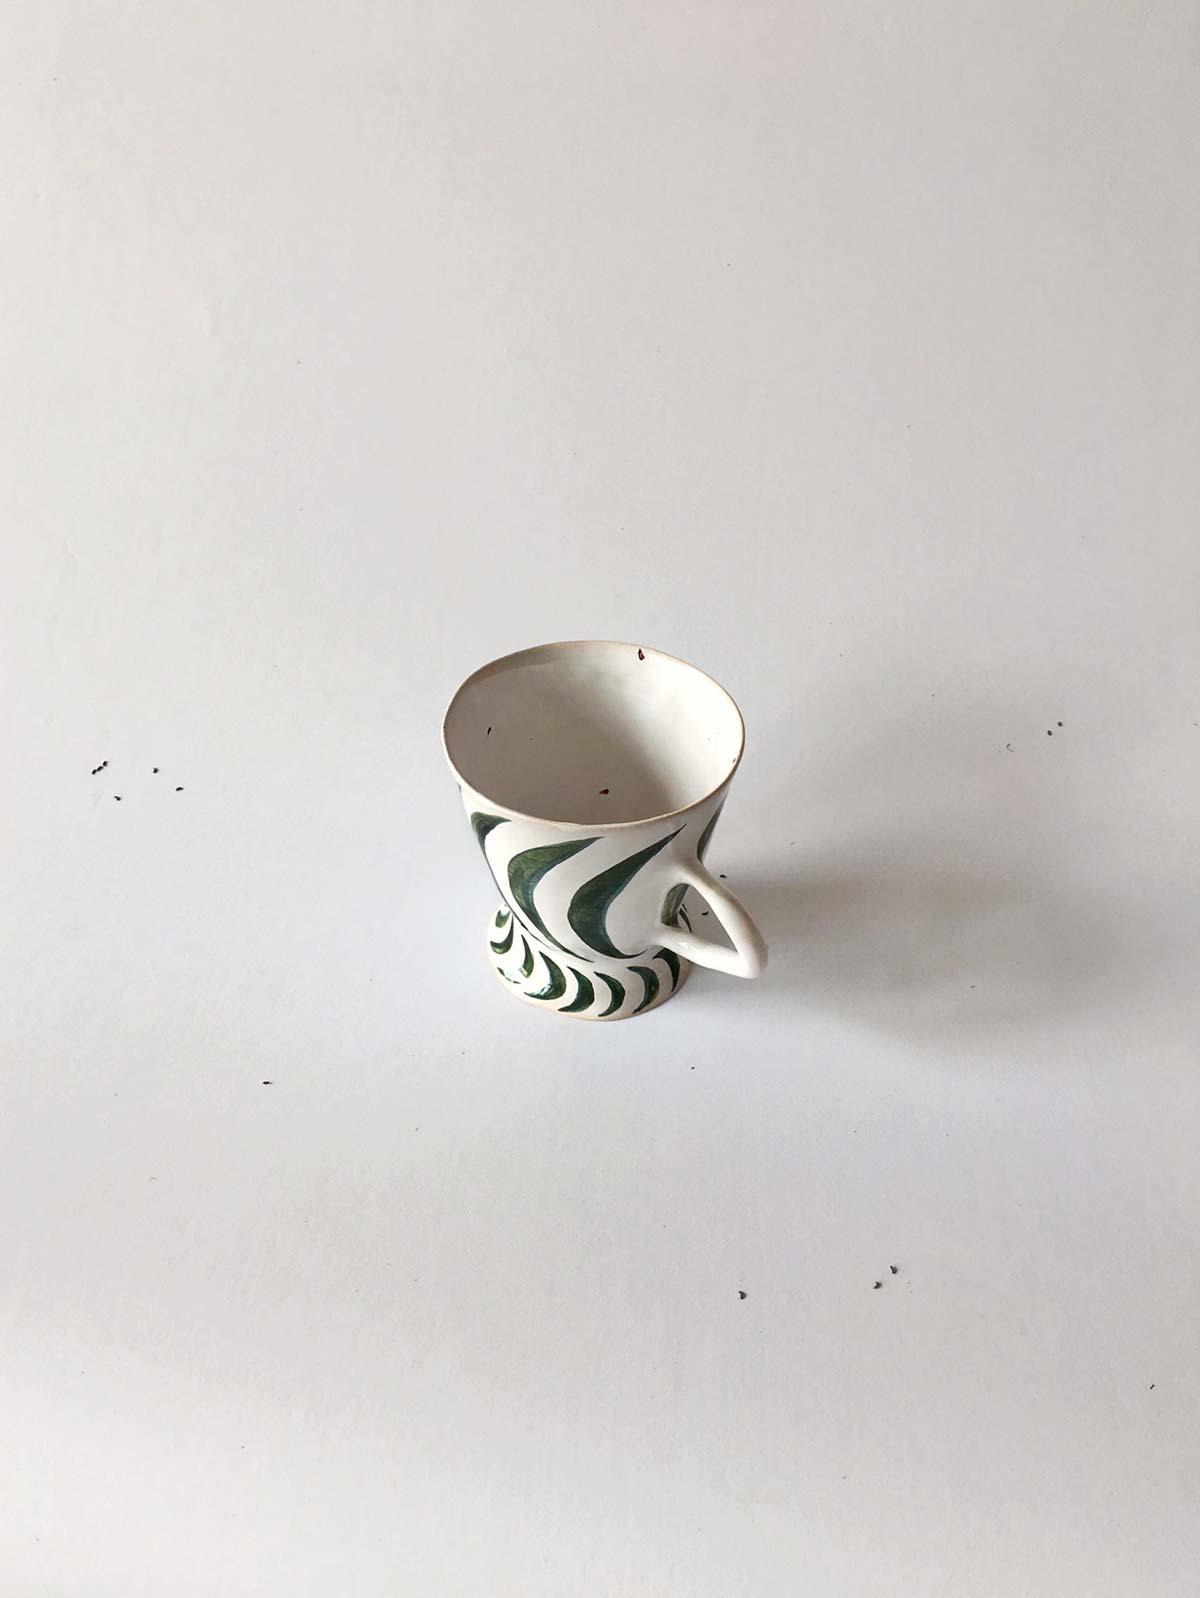 Вид сверху - Чашка с зеленым рисунком